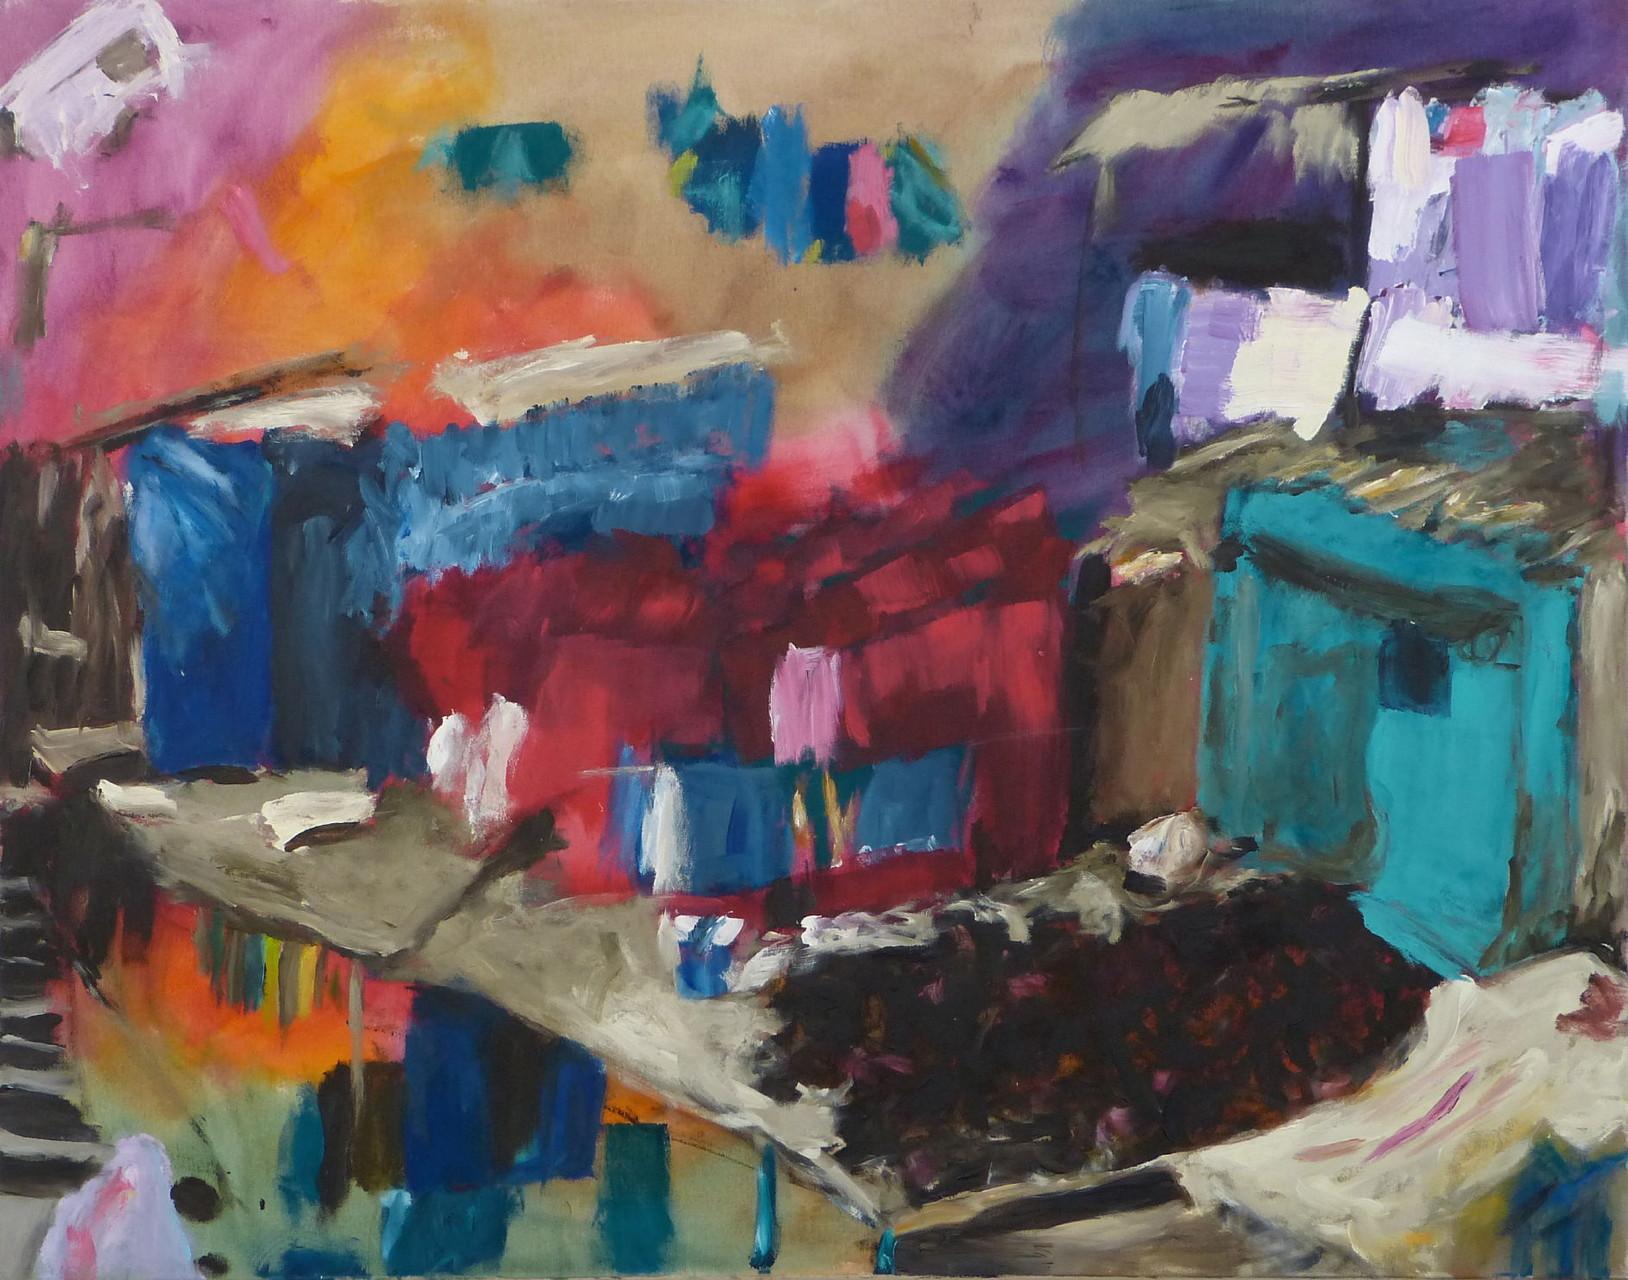 Dhobi Ghat I, Acryl/Lwd., 110 x 140 cm, 2013